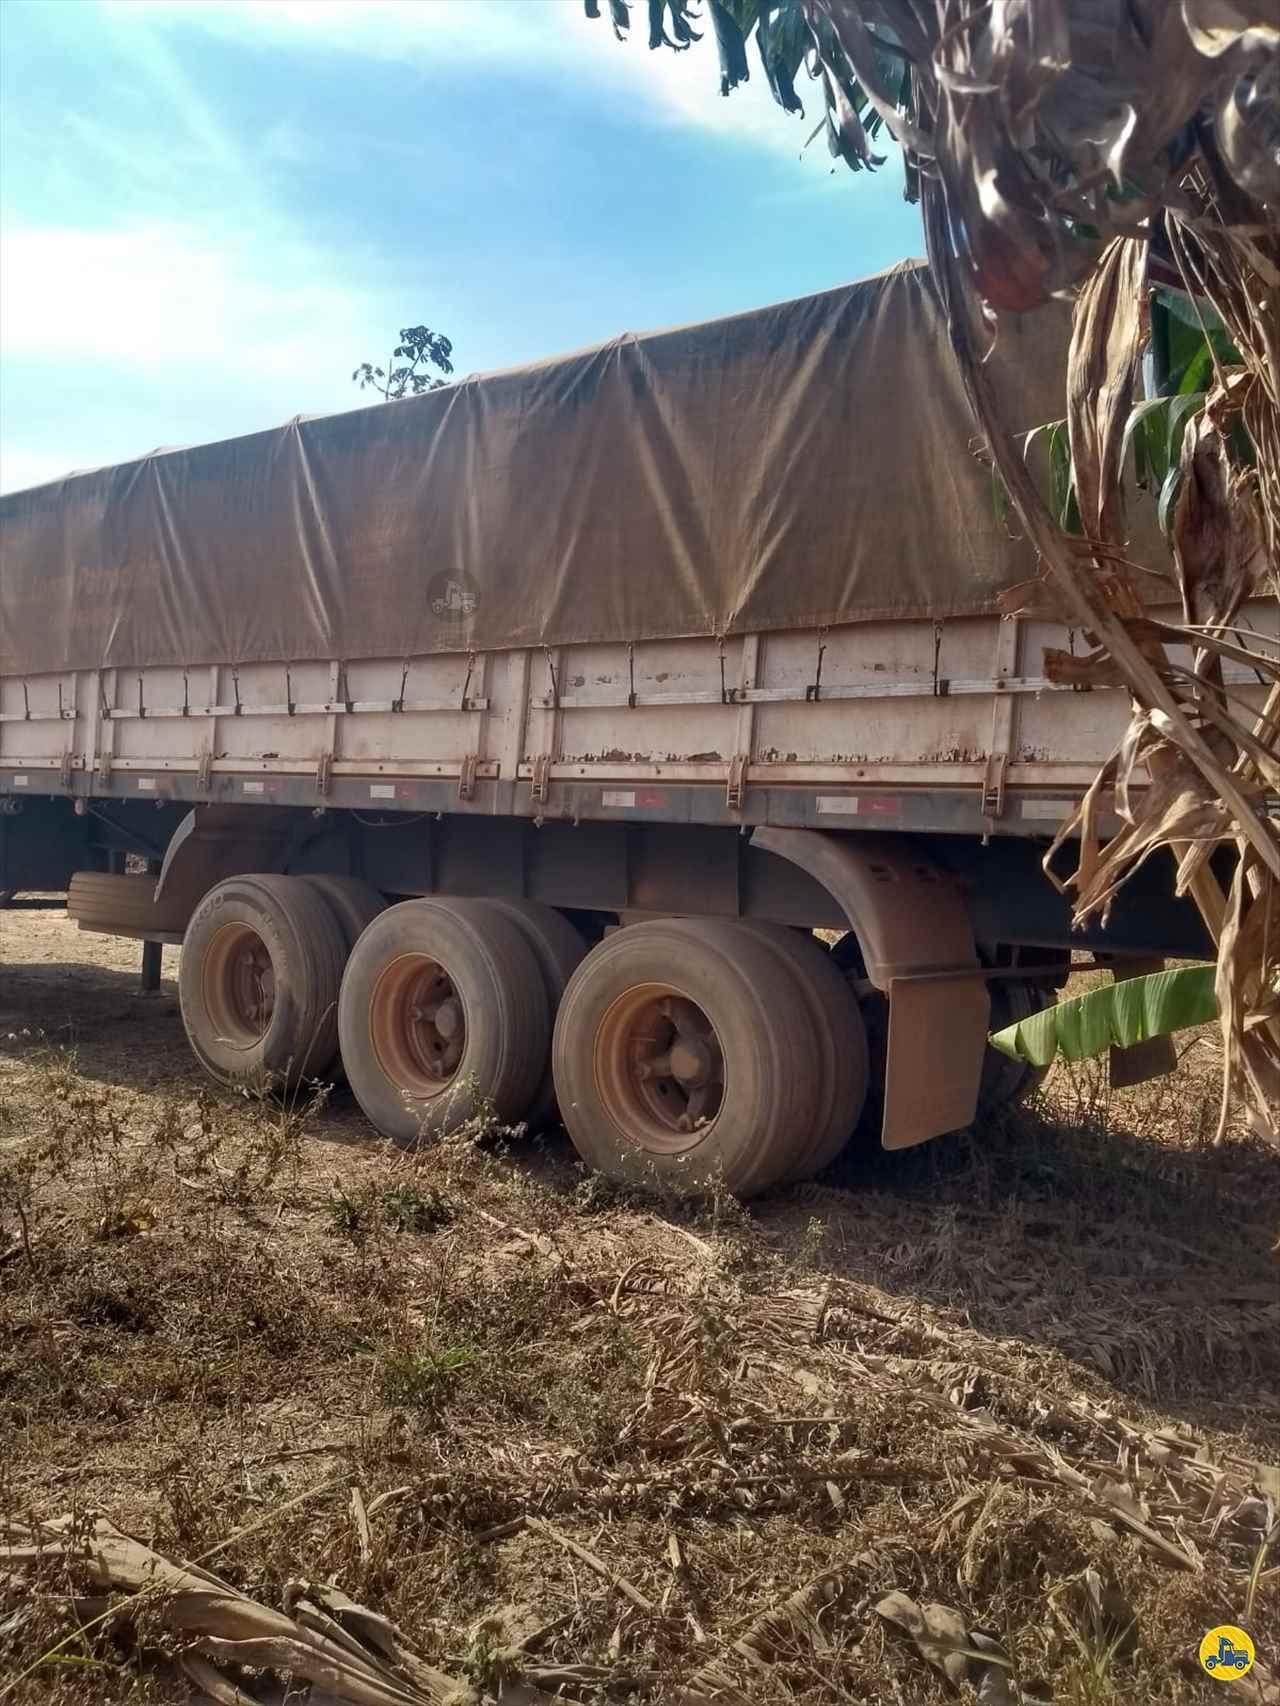 CARRETA SEMI-REBOQUE GRANELEIRO Cotral Caminhões SERRA DO SALITRE MINAS GERAIS MG